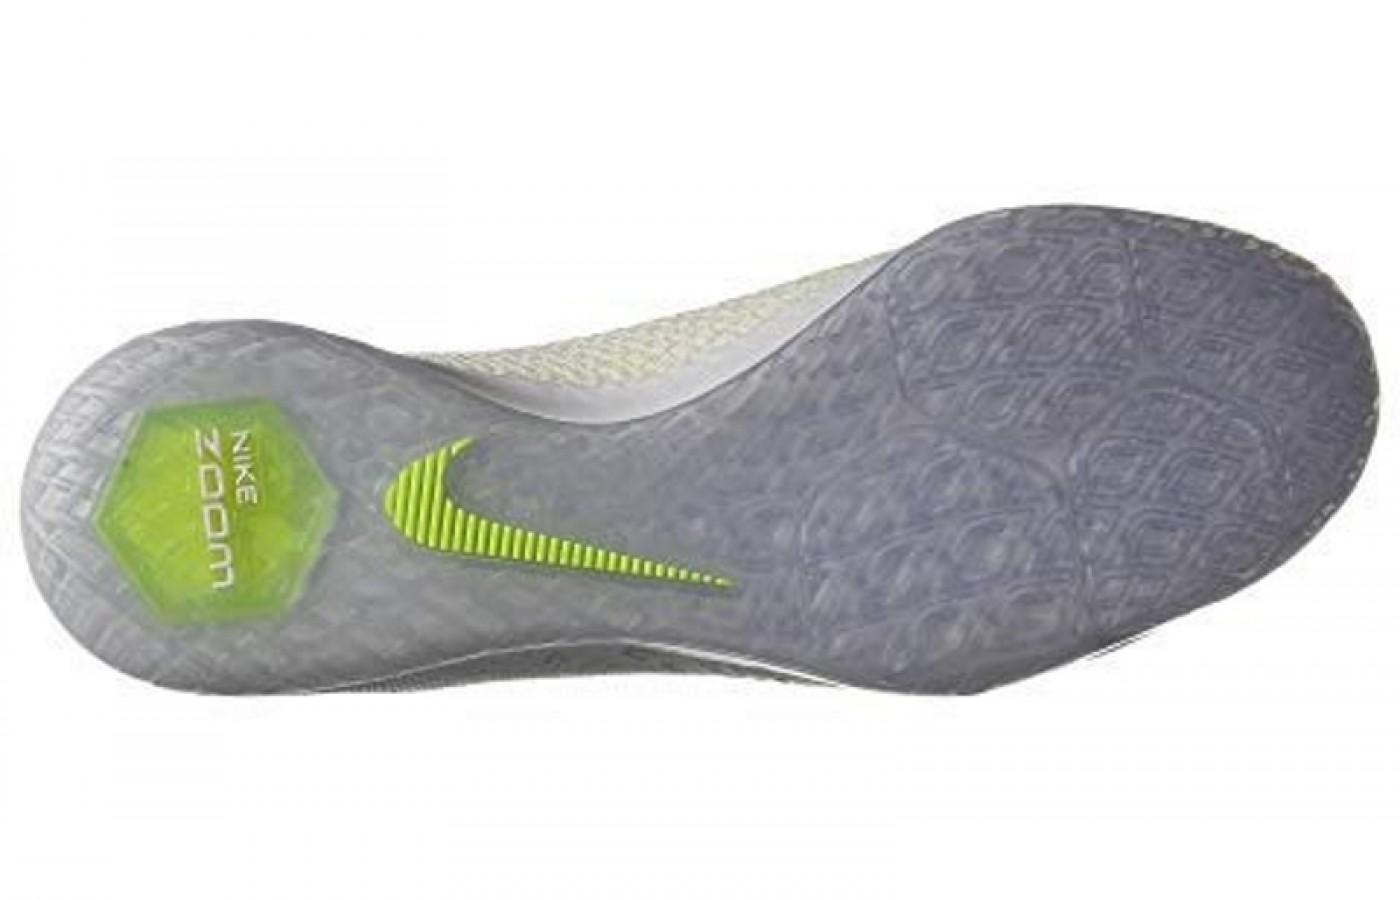 Nike Zoom Hypervenom X 3 Pro IC Bottom View